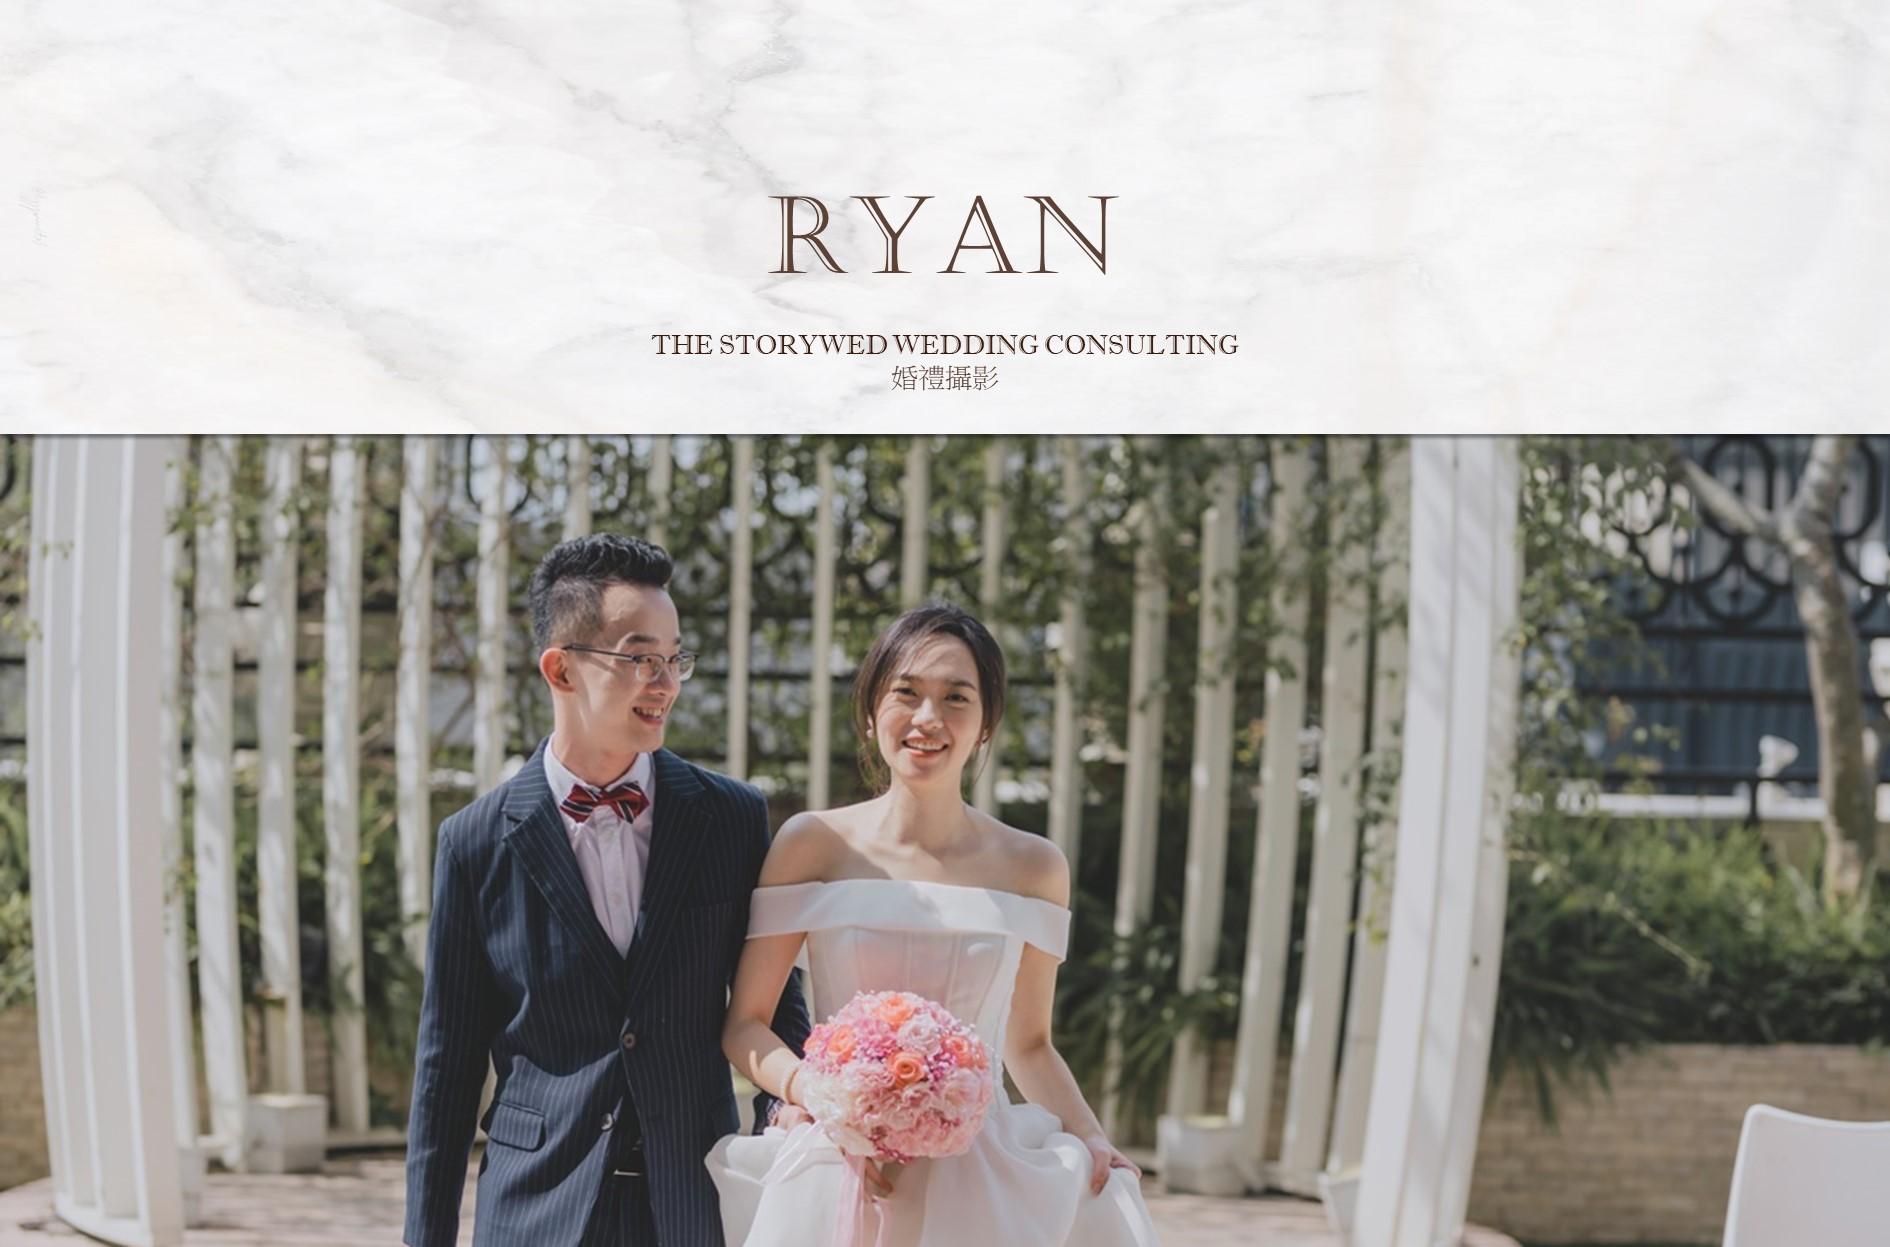 〖婚禮攝影〗Ryan